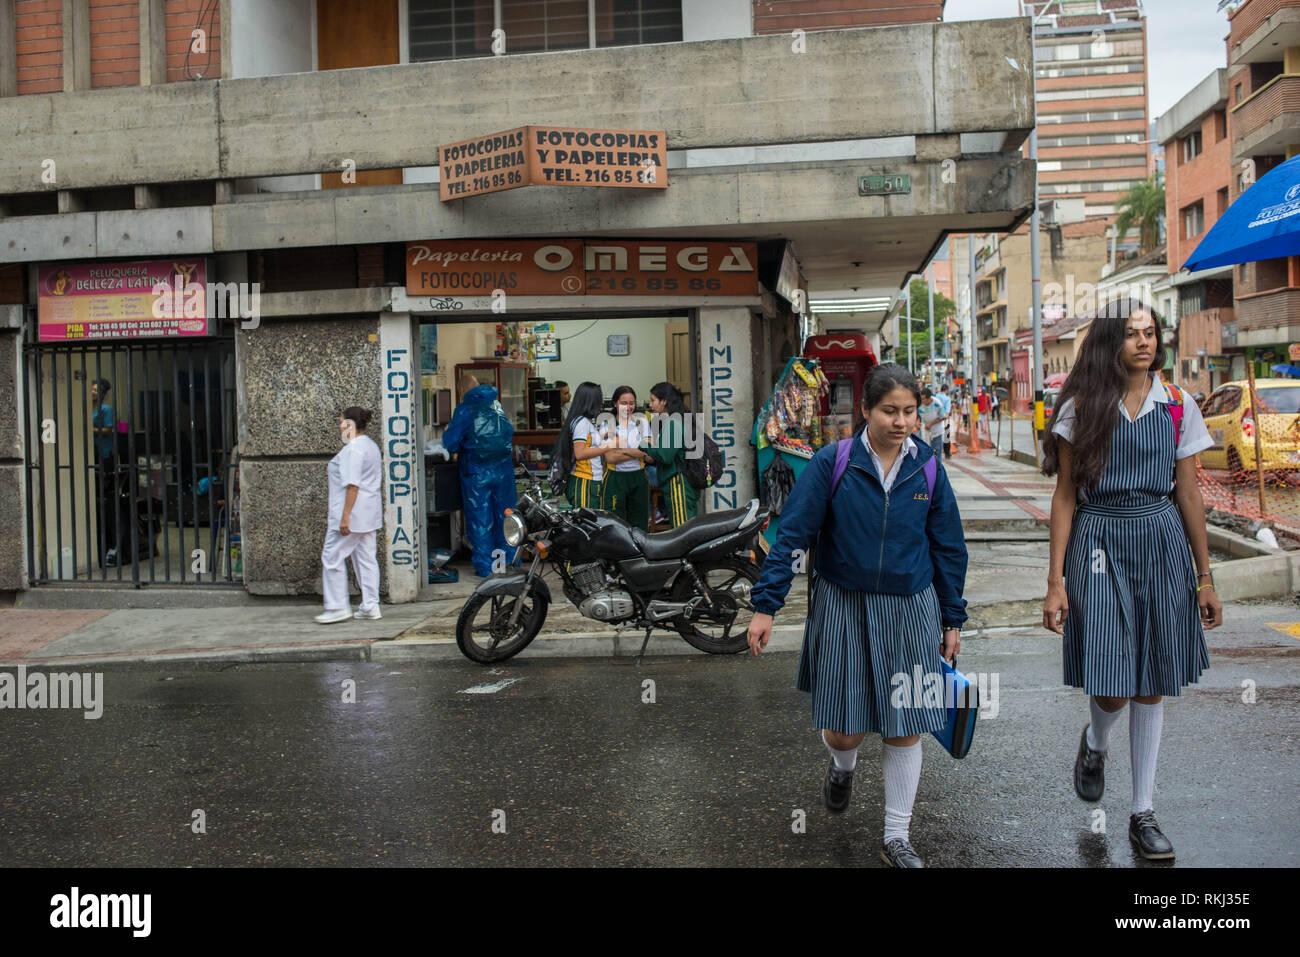 Medellín, Antioquia, Colombia: Escena callejera. Imagen De Stock